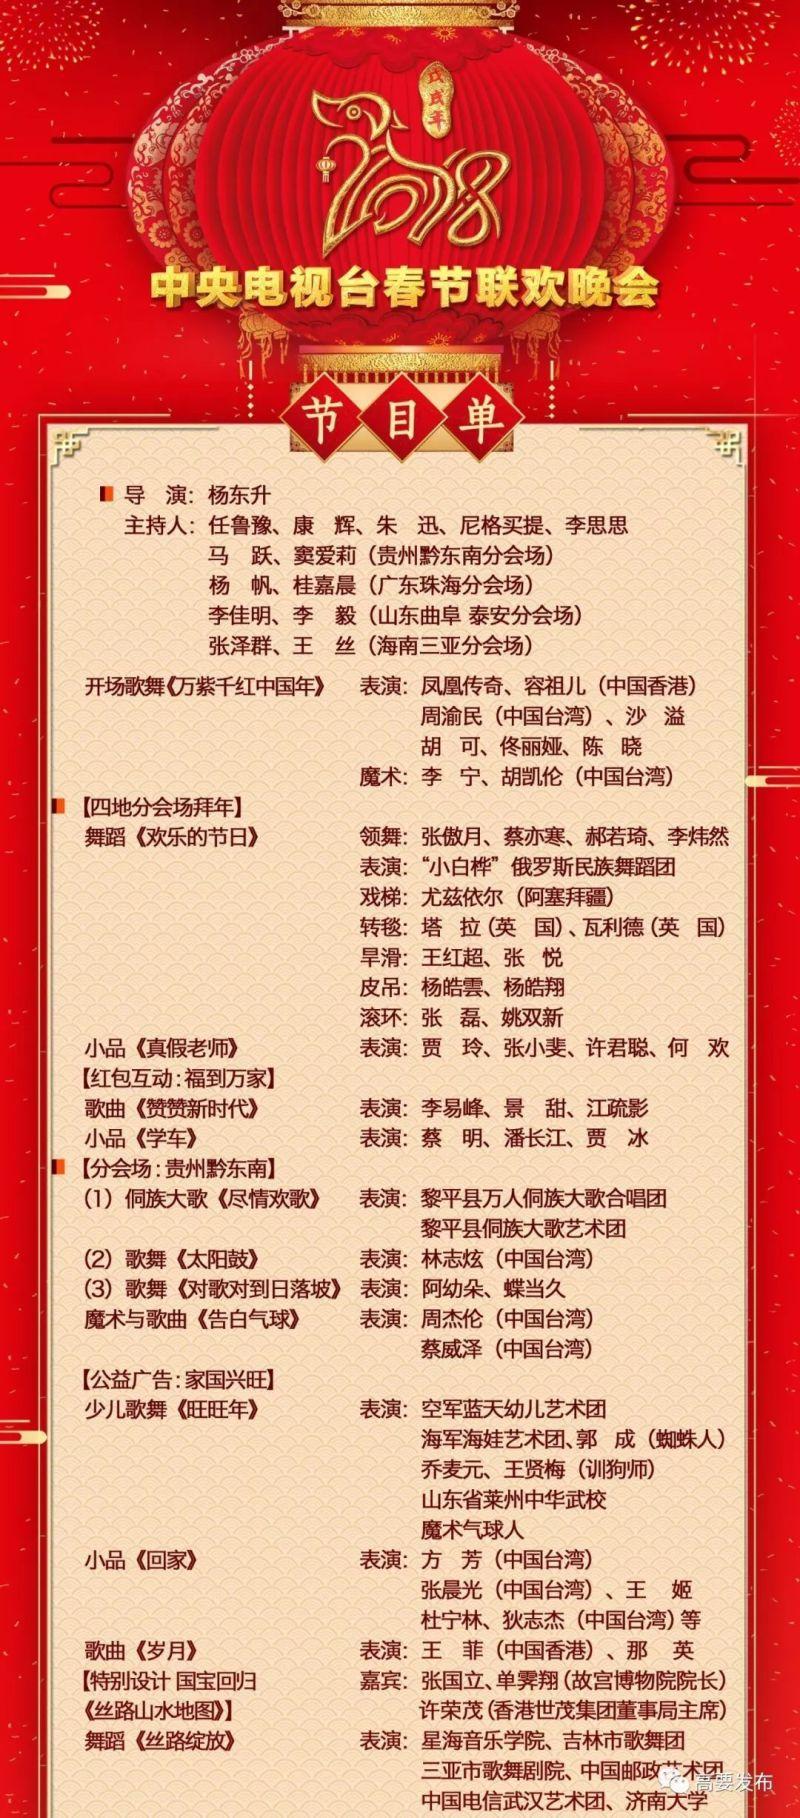 """2018央視春晚節目單為您備好,除夕夜和家人享受""""春晚""""圖片"""